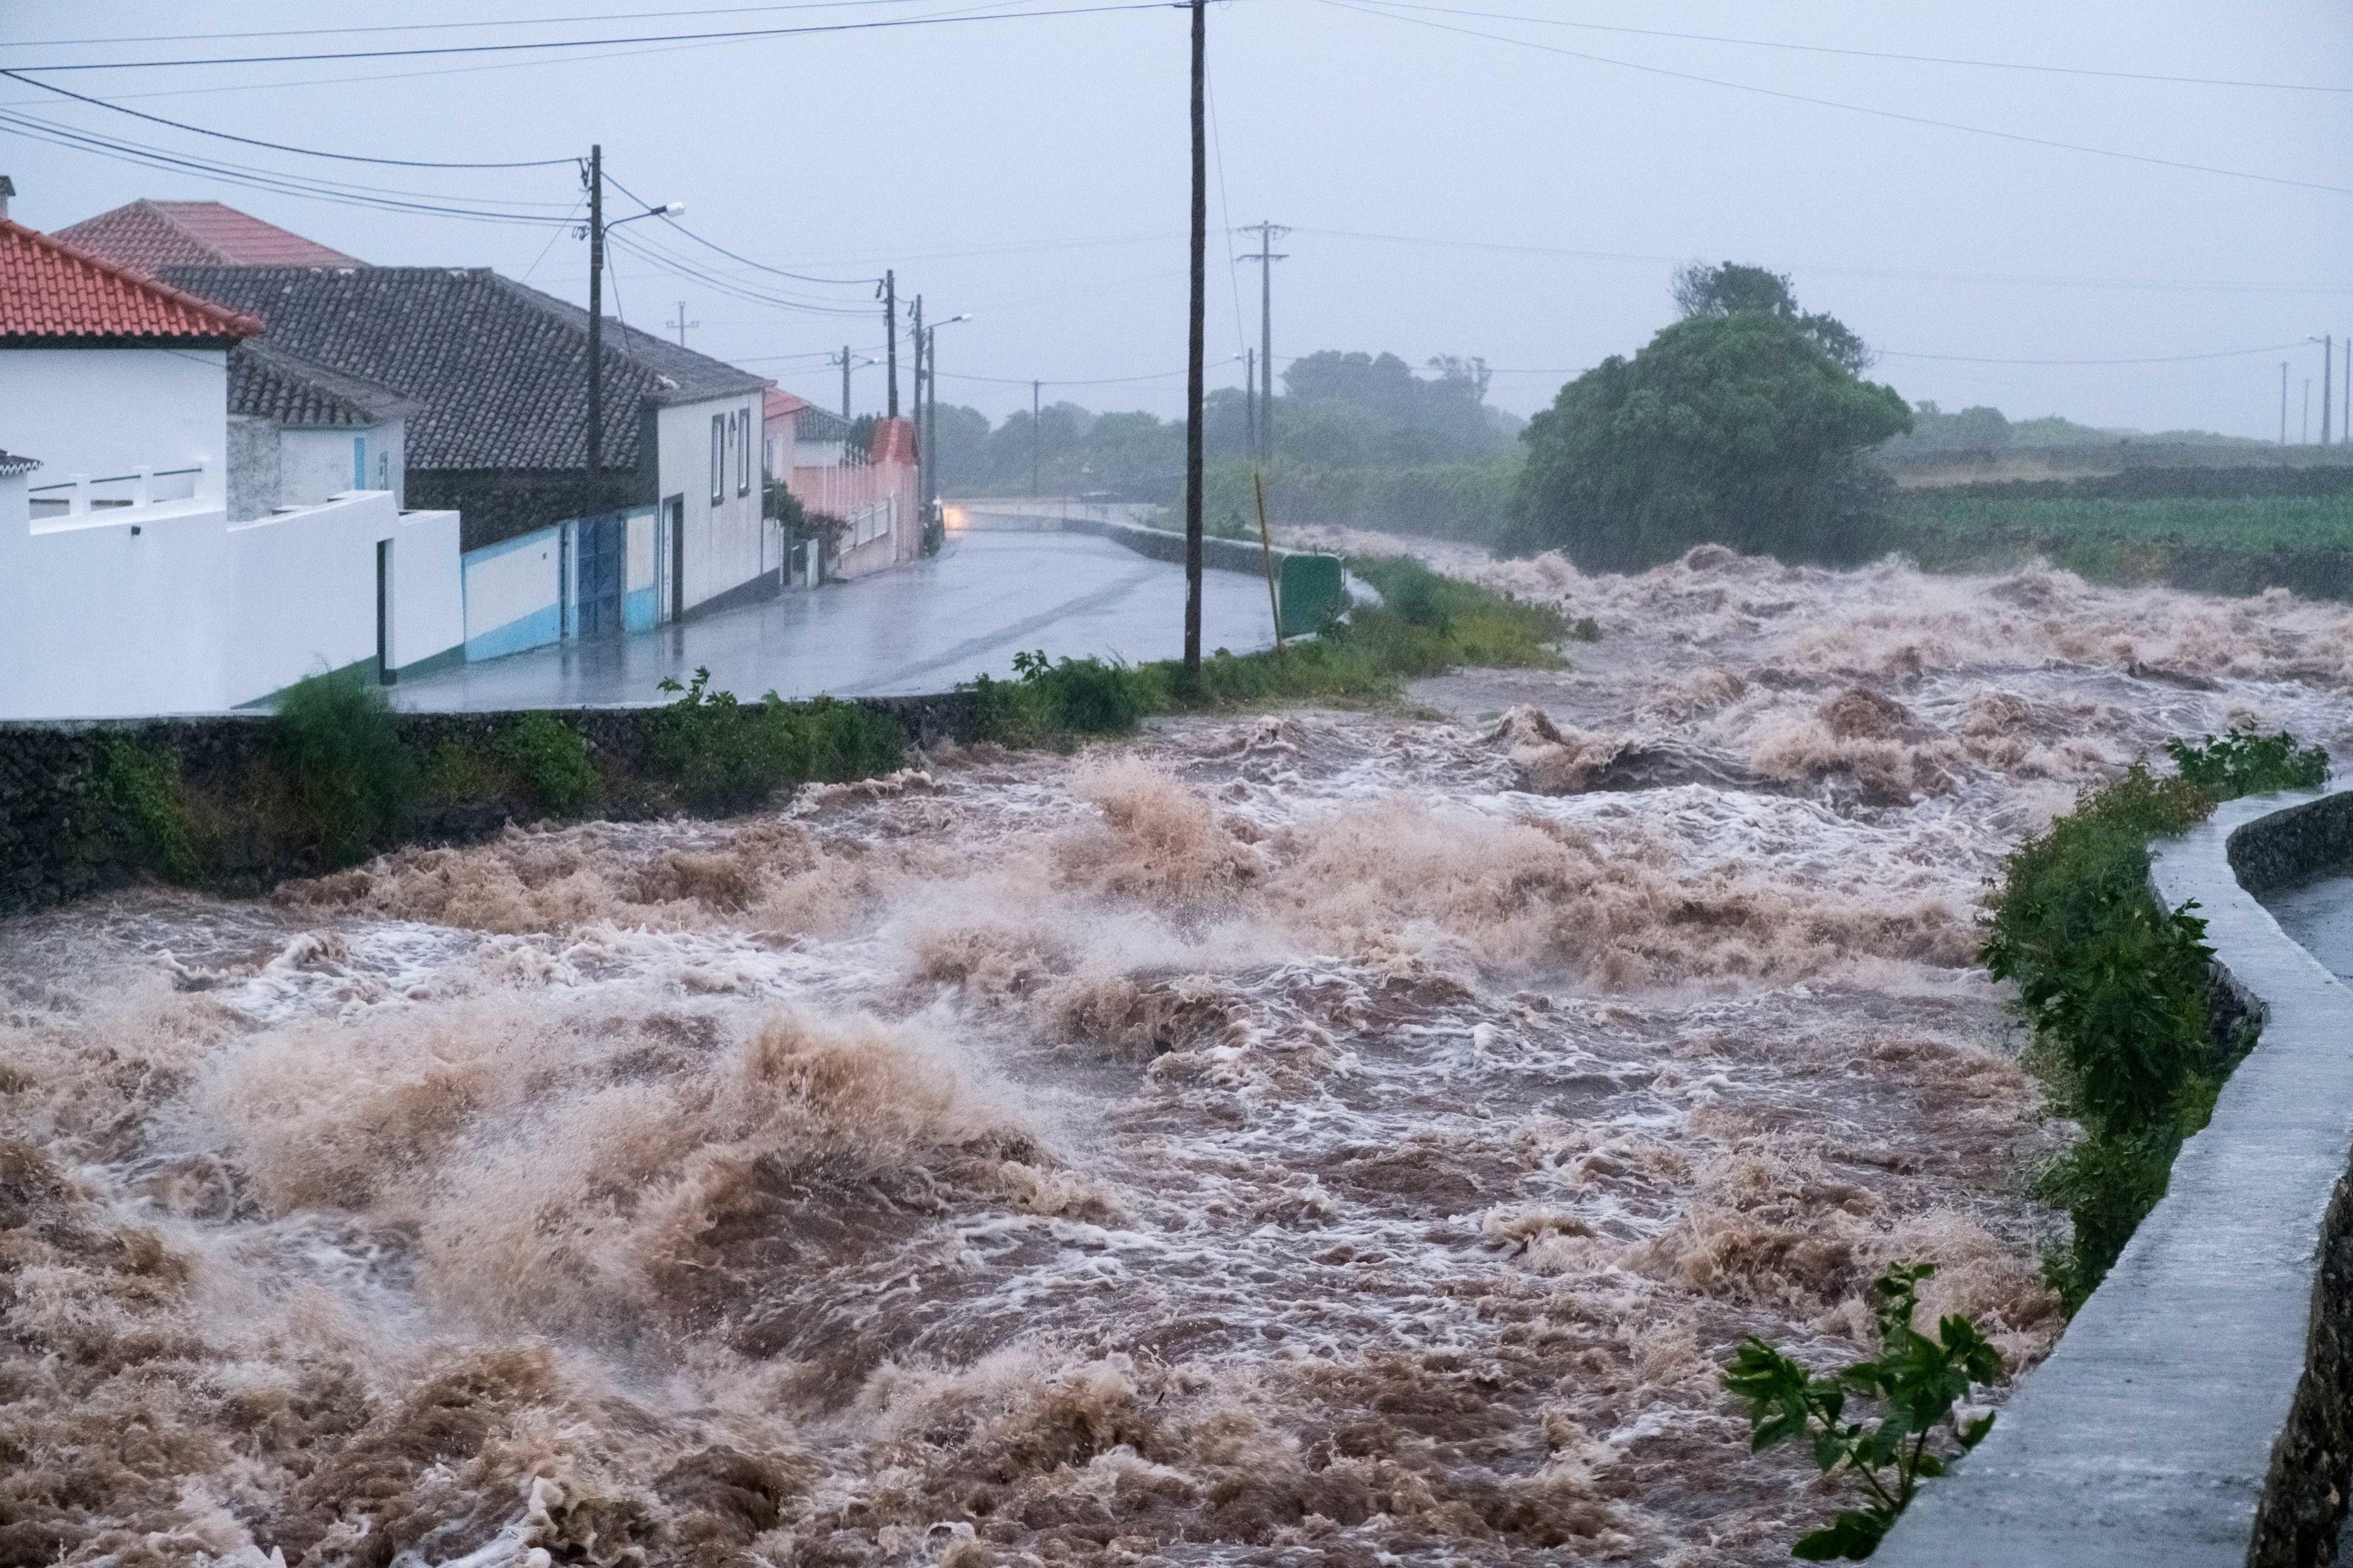 Prejuízos de meio milhão de euros em caminhos agrícolas na ilha Terceira